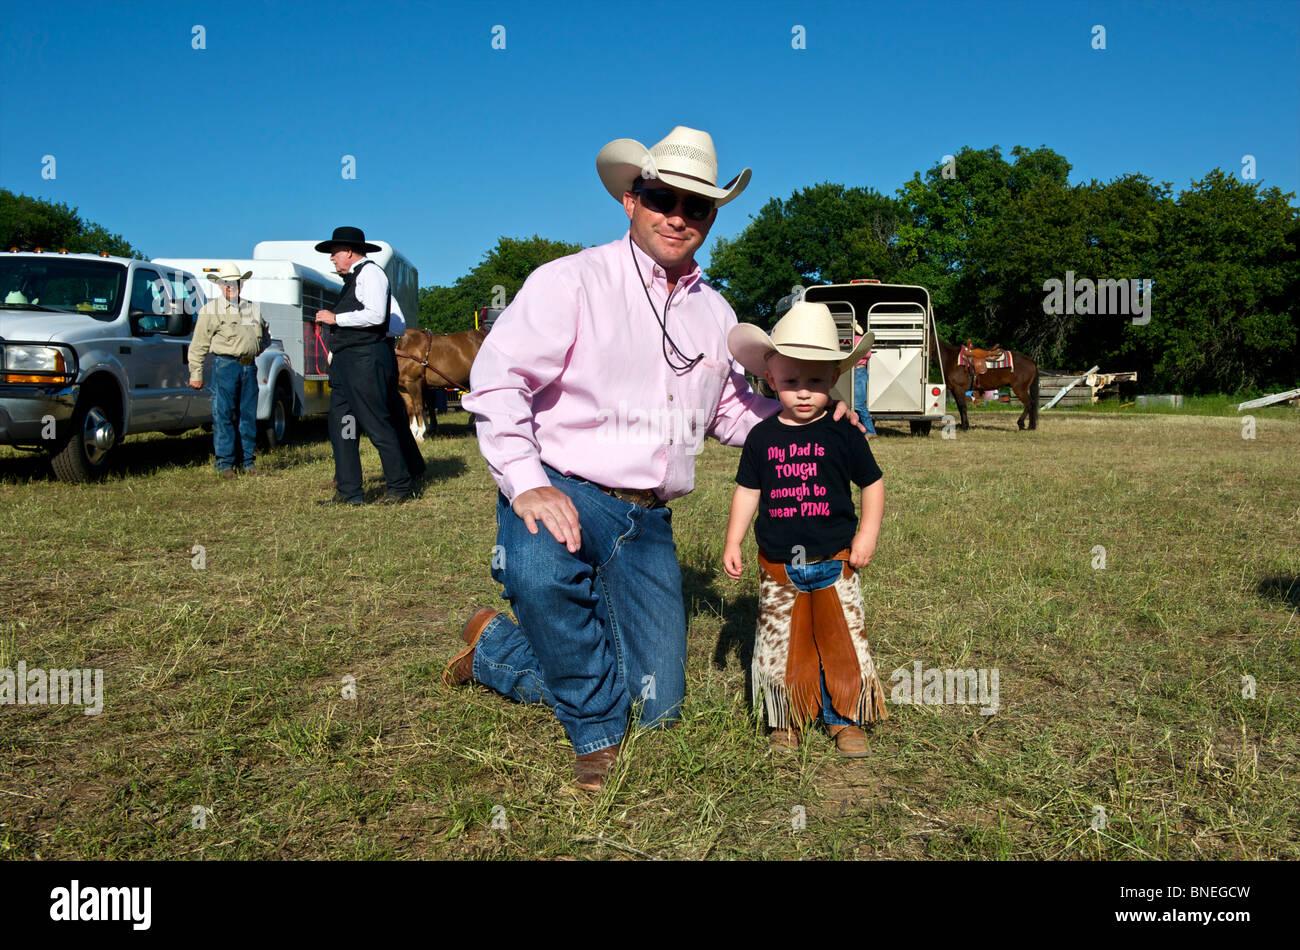 Père et Fils se faisant passer pour l'appareil photo à PRCA Rodeo, Small-Town Bridgeport, Connecticut, en Amérique du Nord. USA Banque D'Images